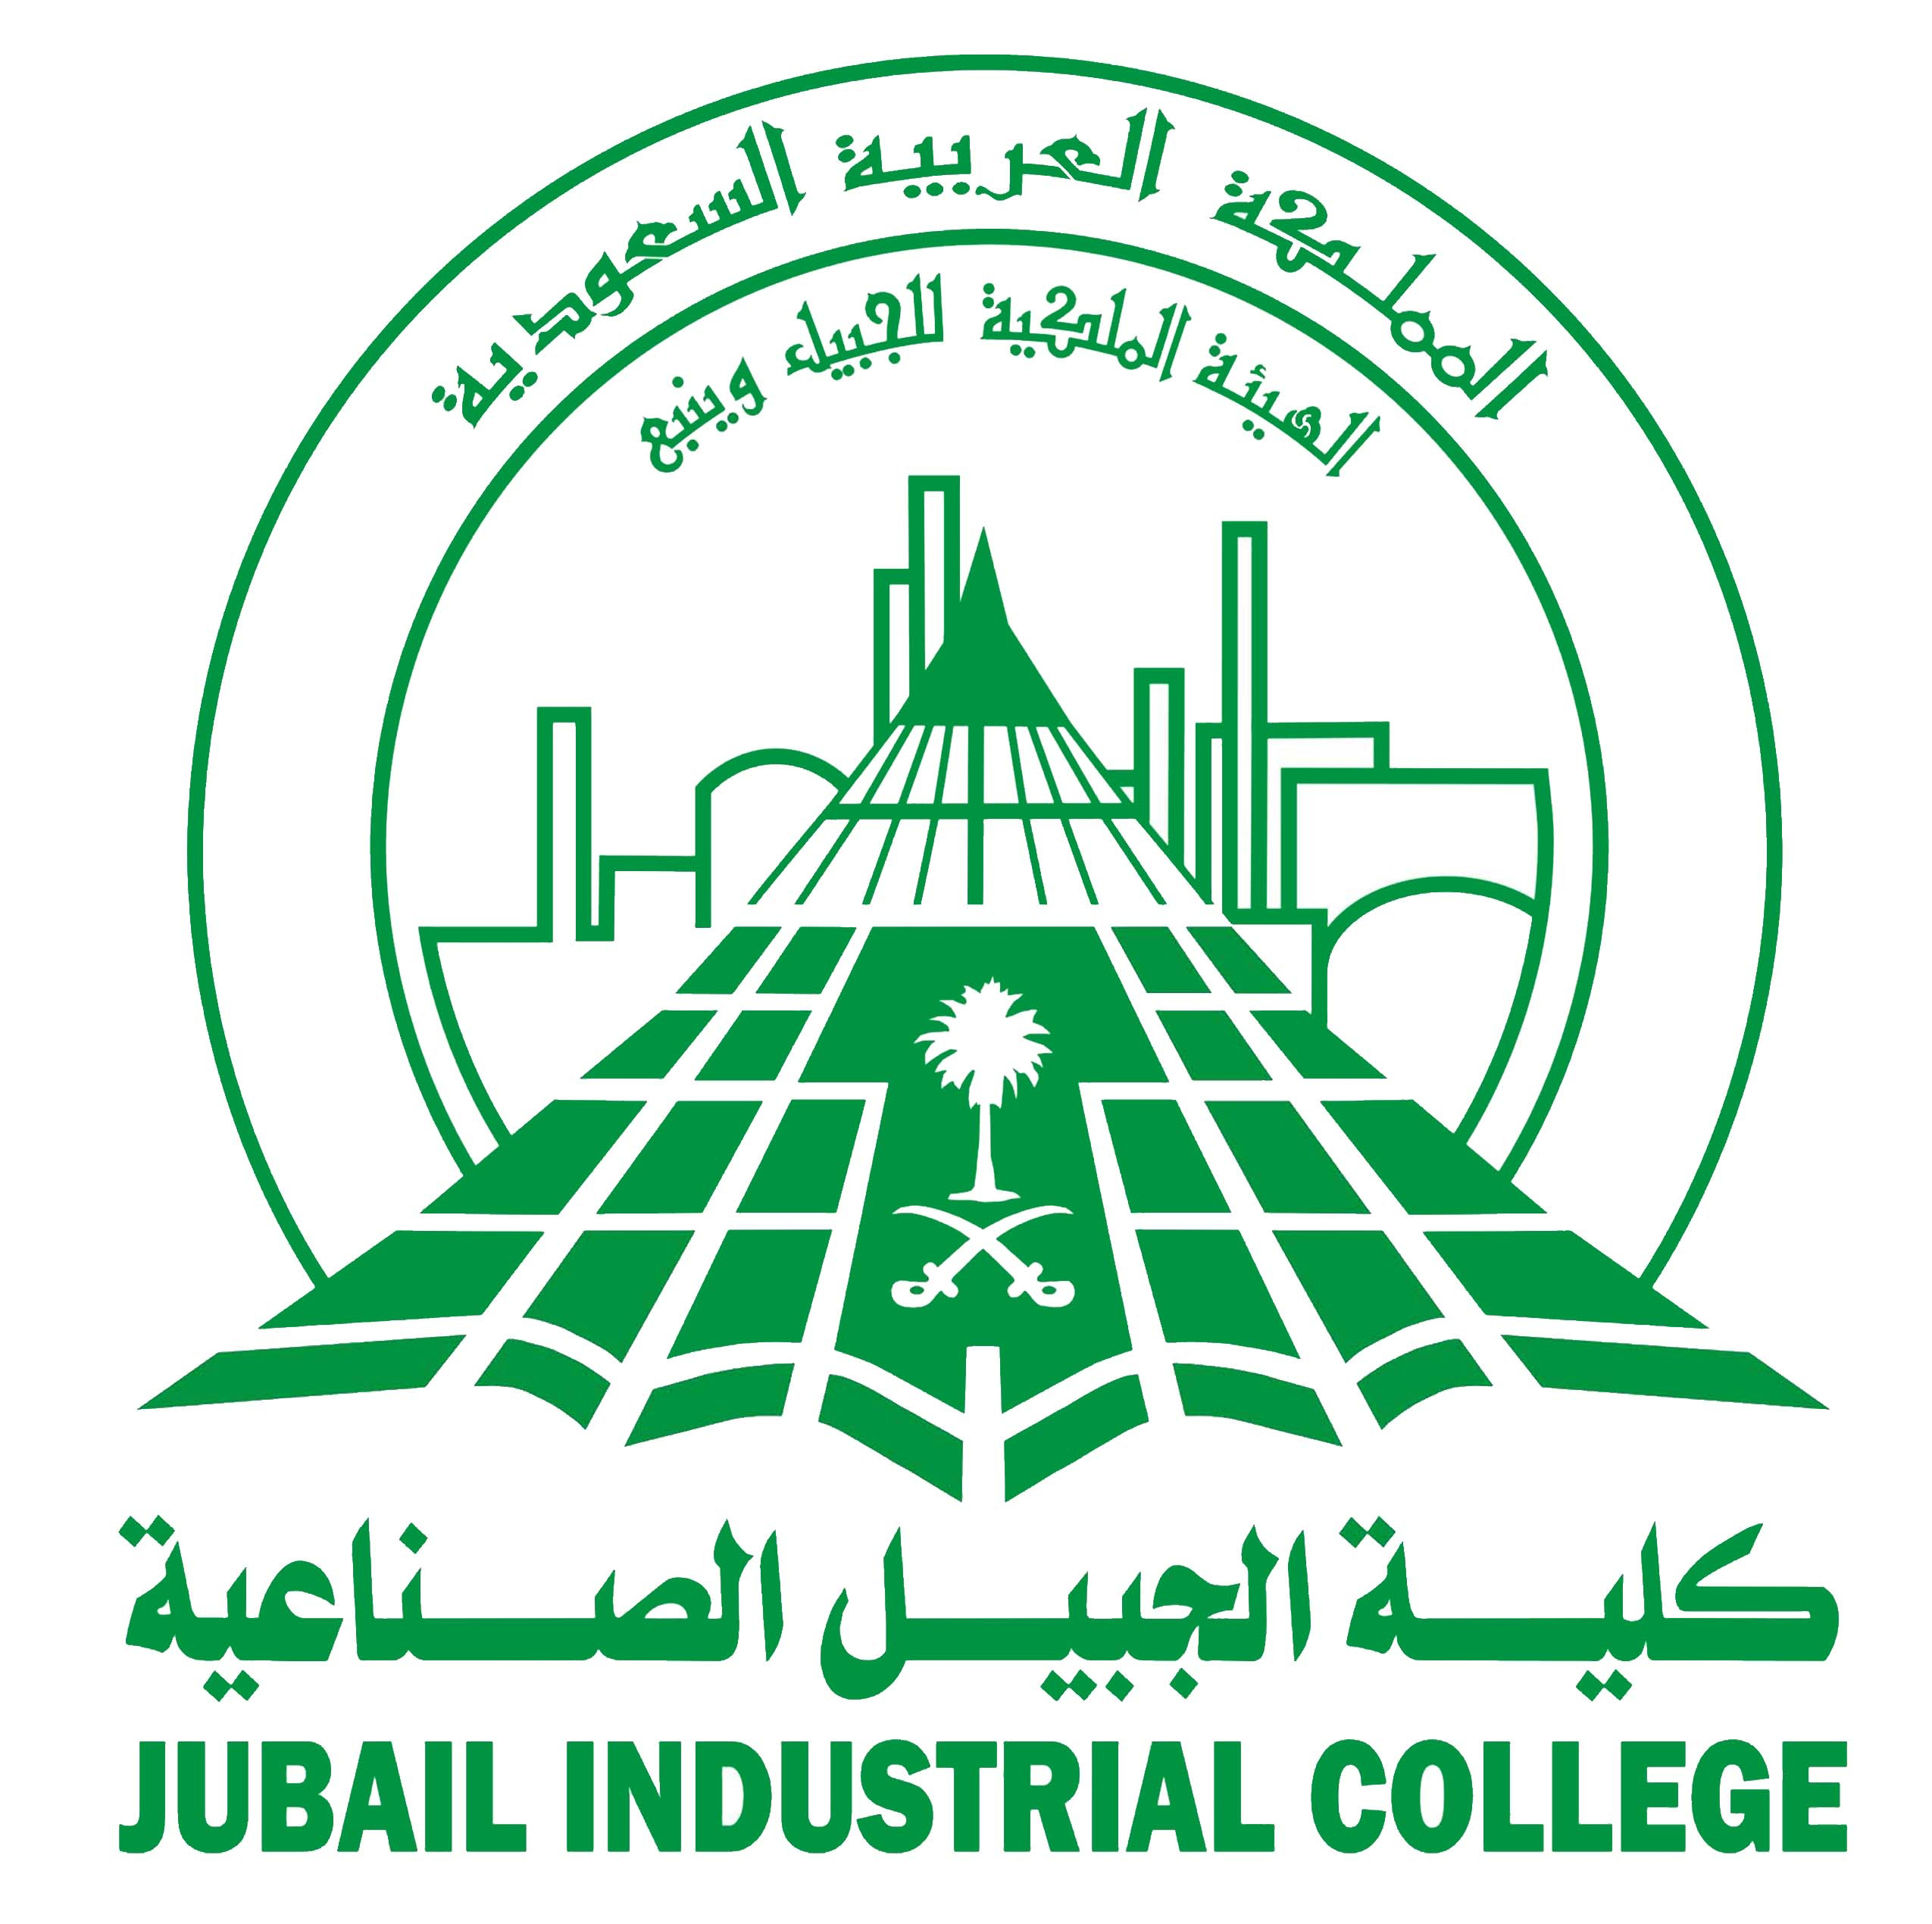 كلية الجبيل الصناعية ويكيبيديا